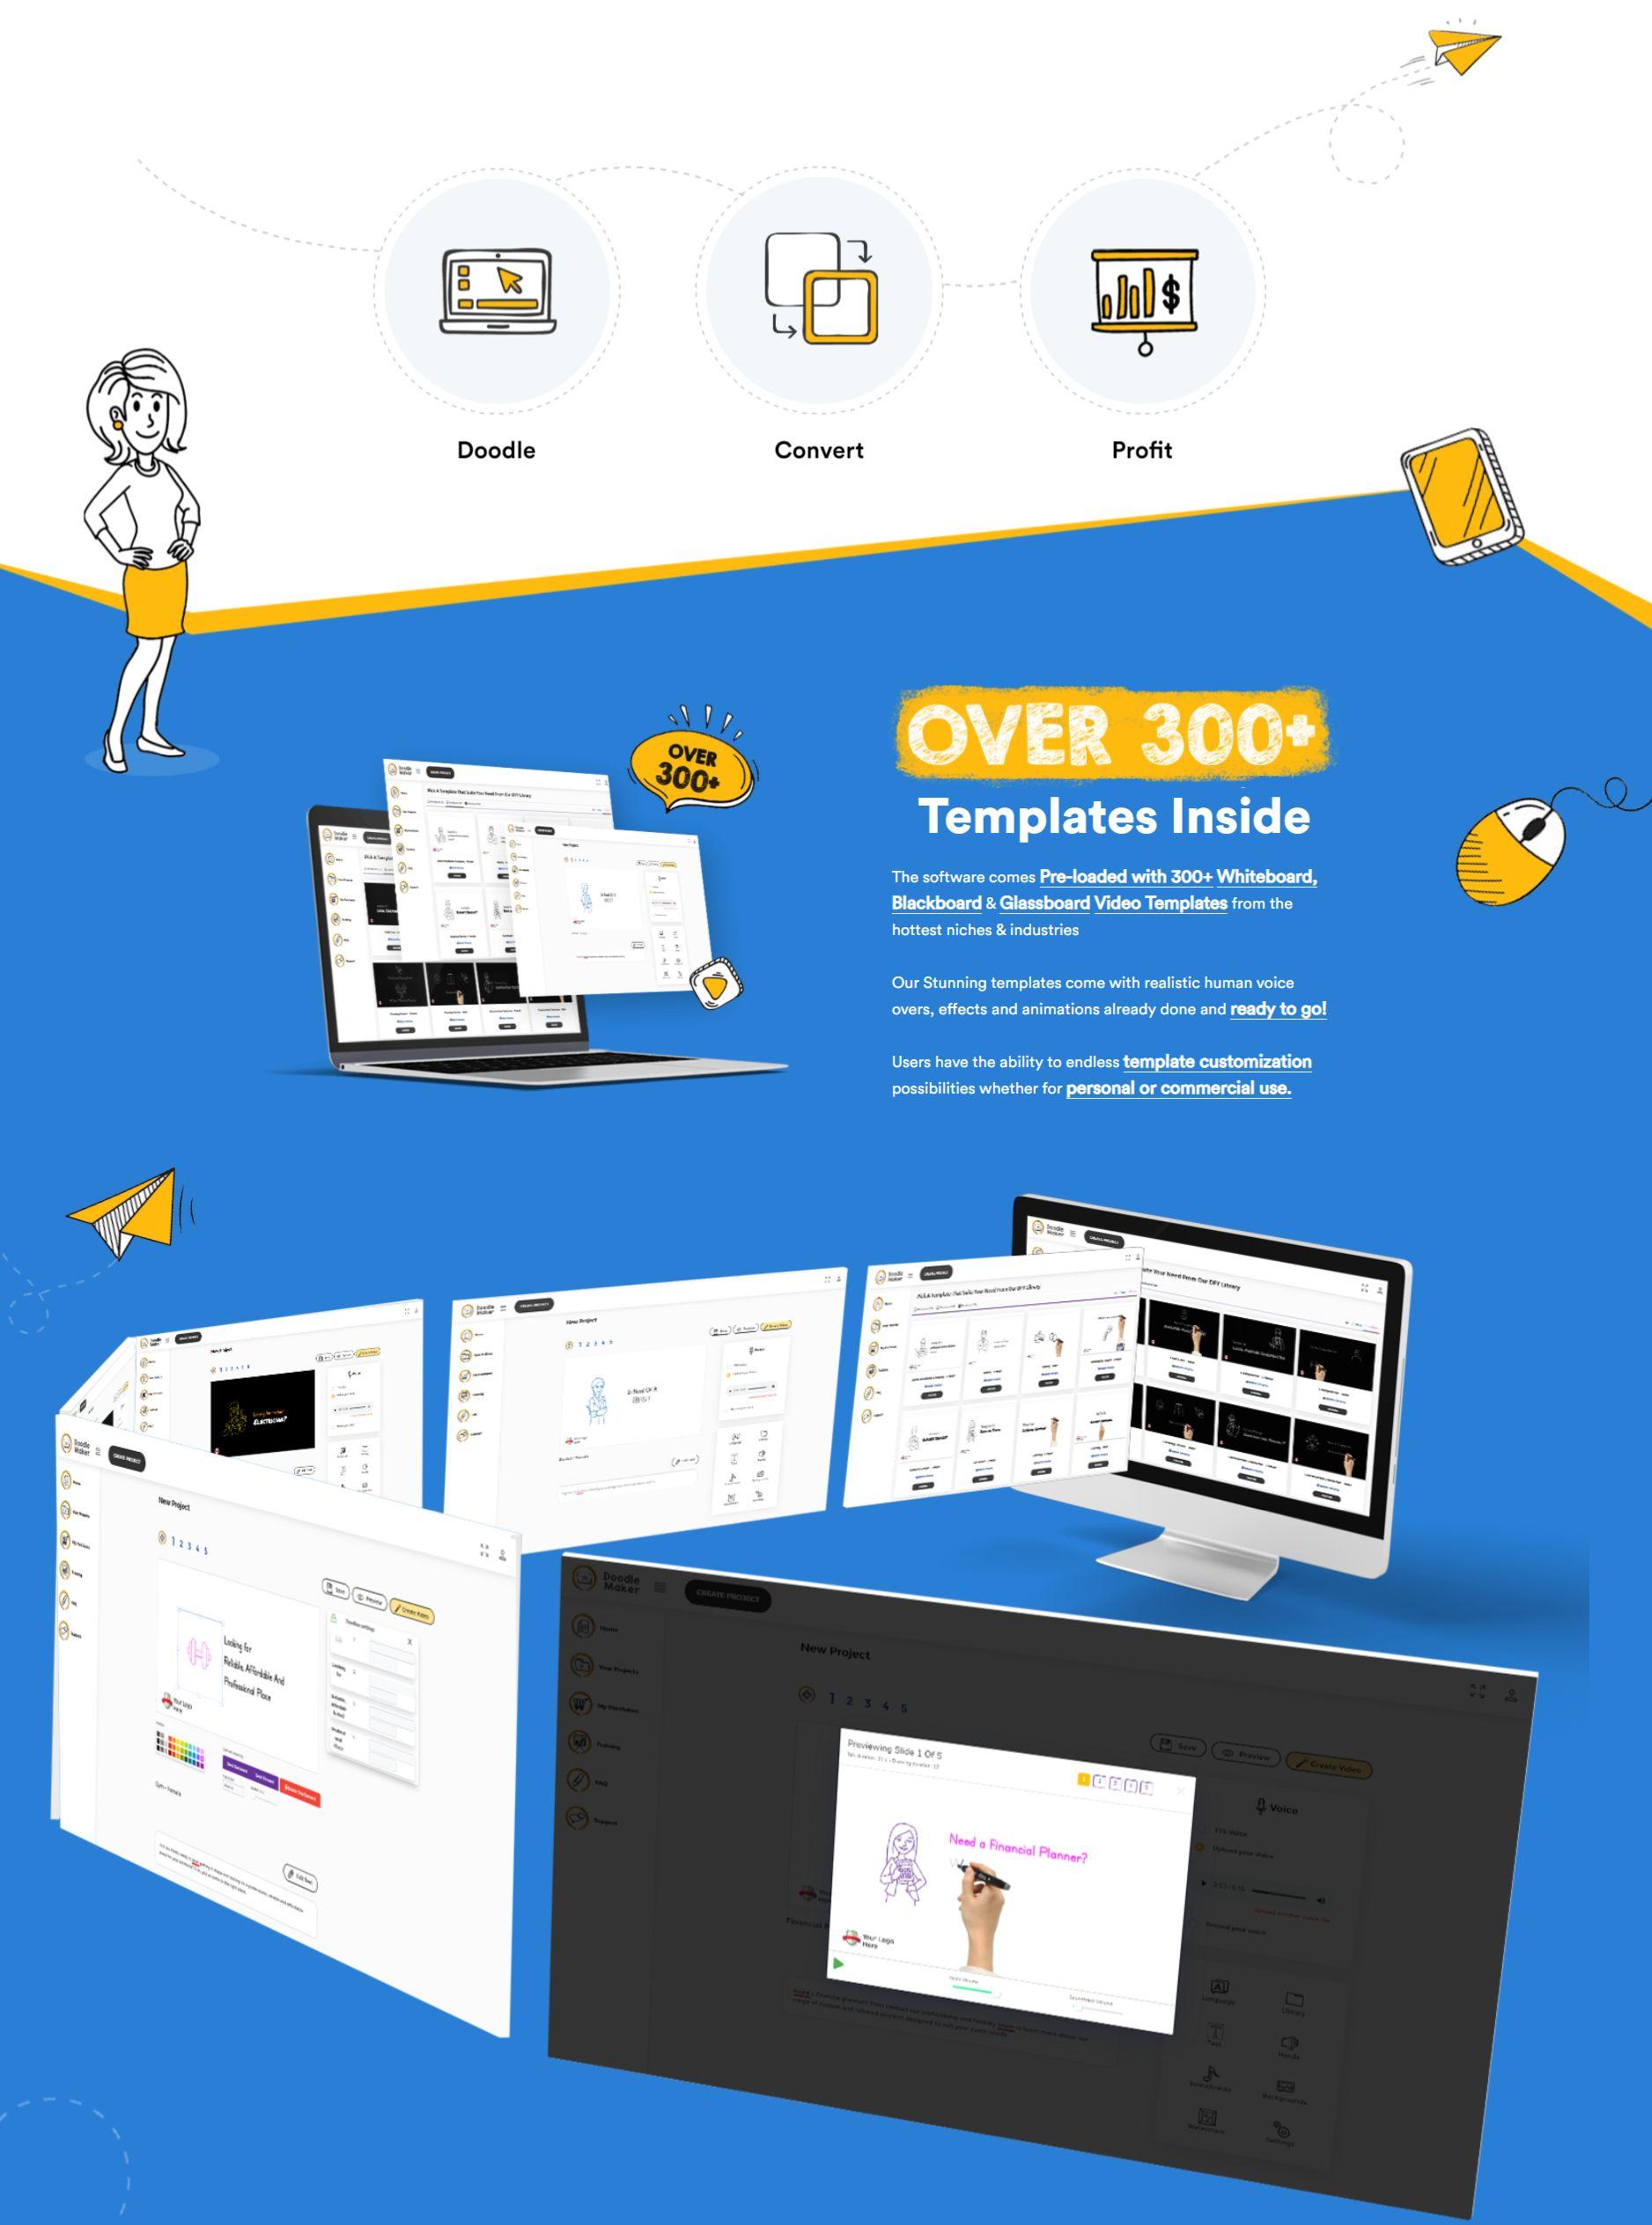 Doodle-Maker-Feature-3